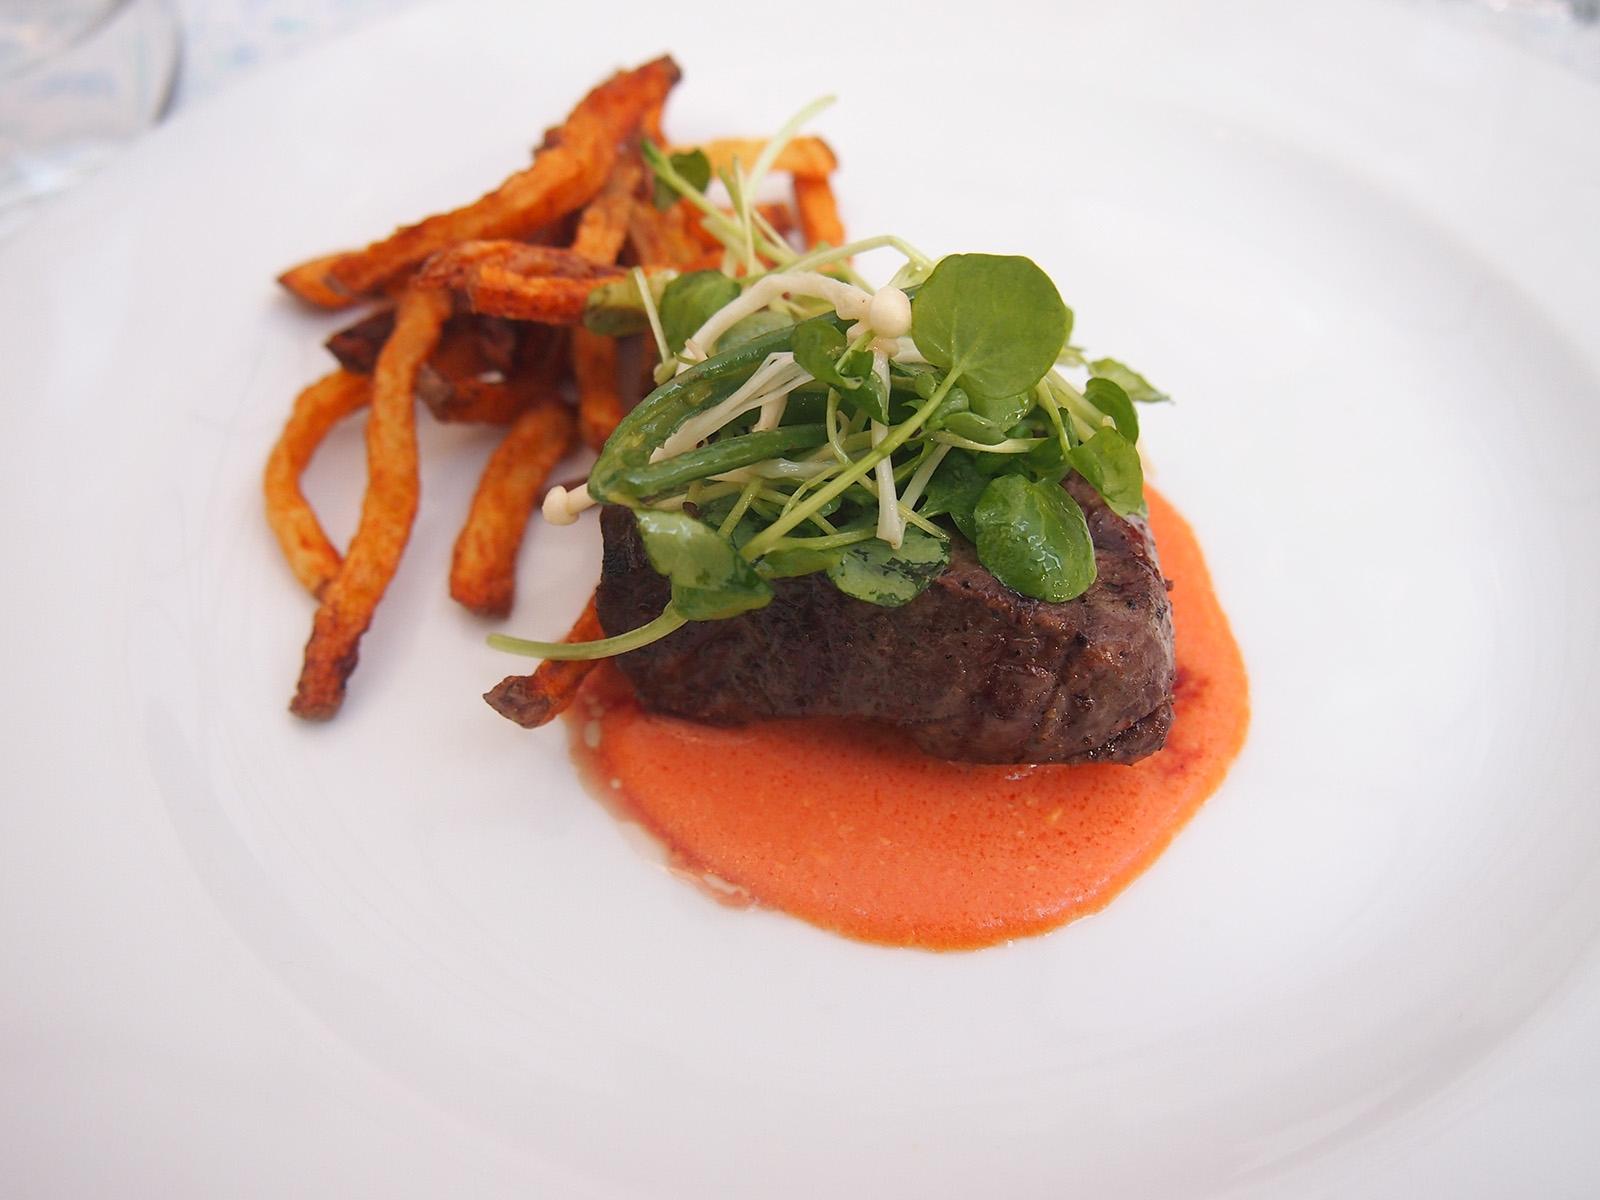 Steak z hovězí loupané pleces omáčkou se zauzených rajčat a domácími hranolkami